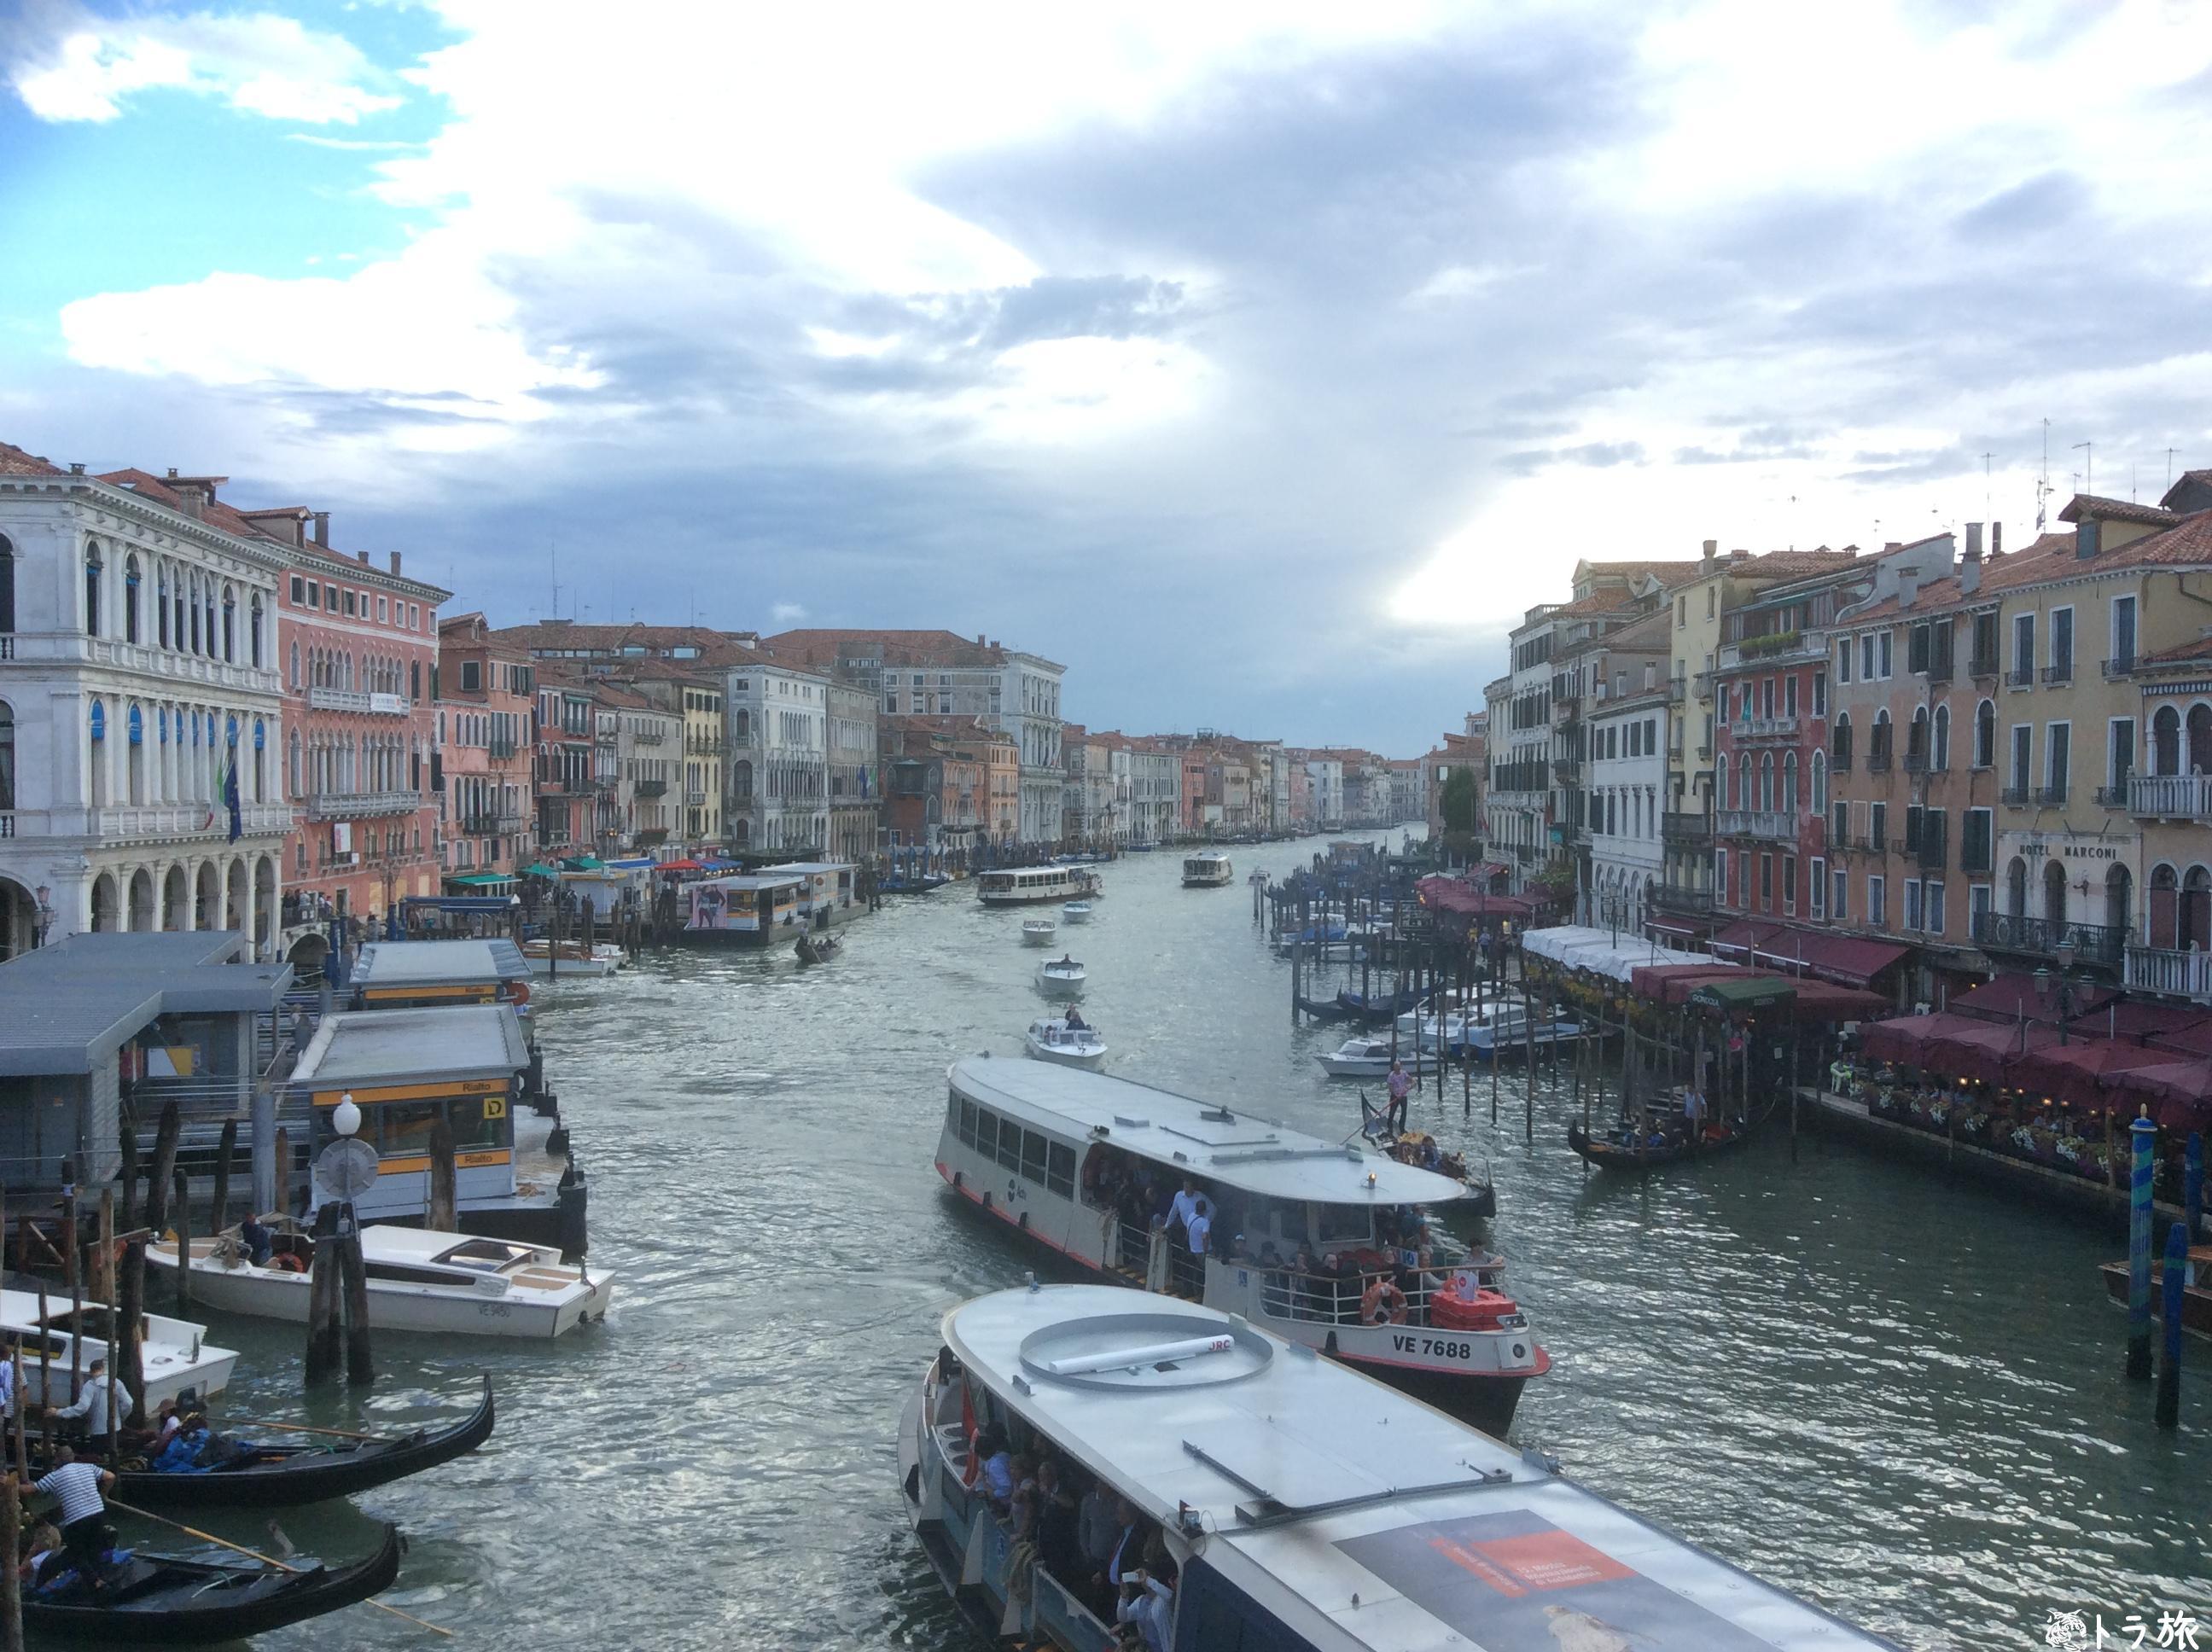 【ヴェネツィア】水の都では雨でも奇跡は3度起こる【イタリア】